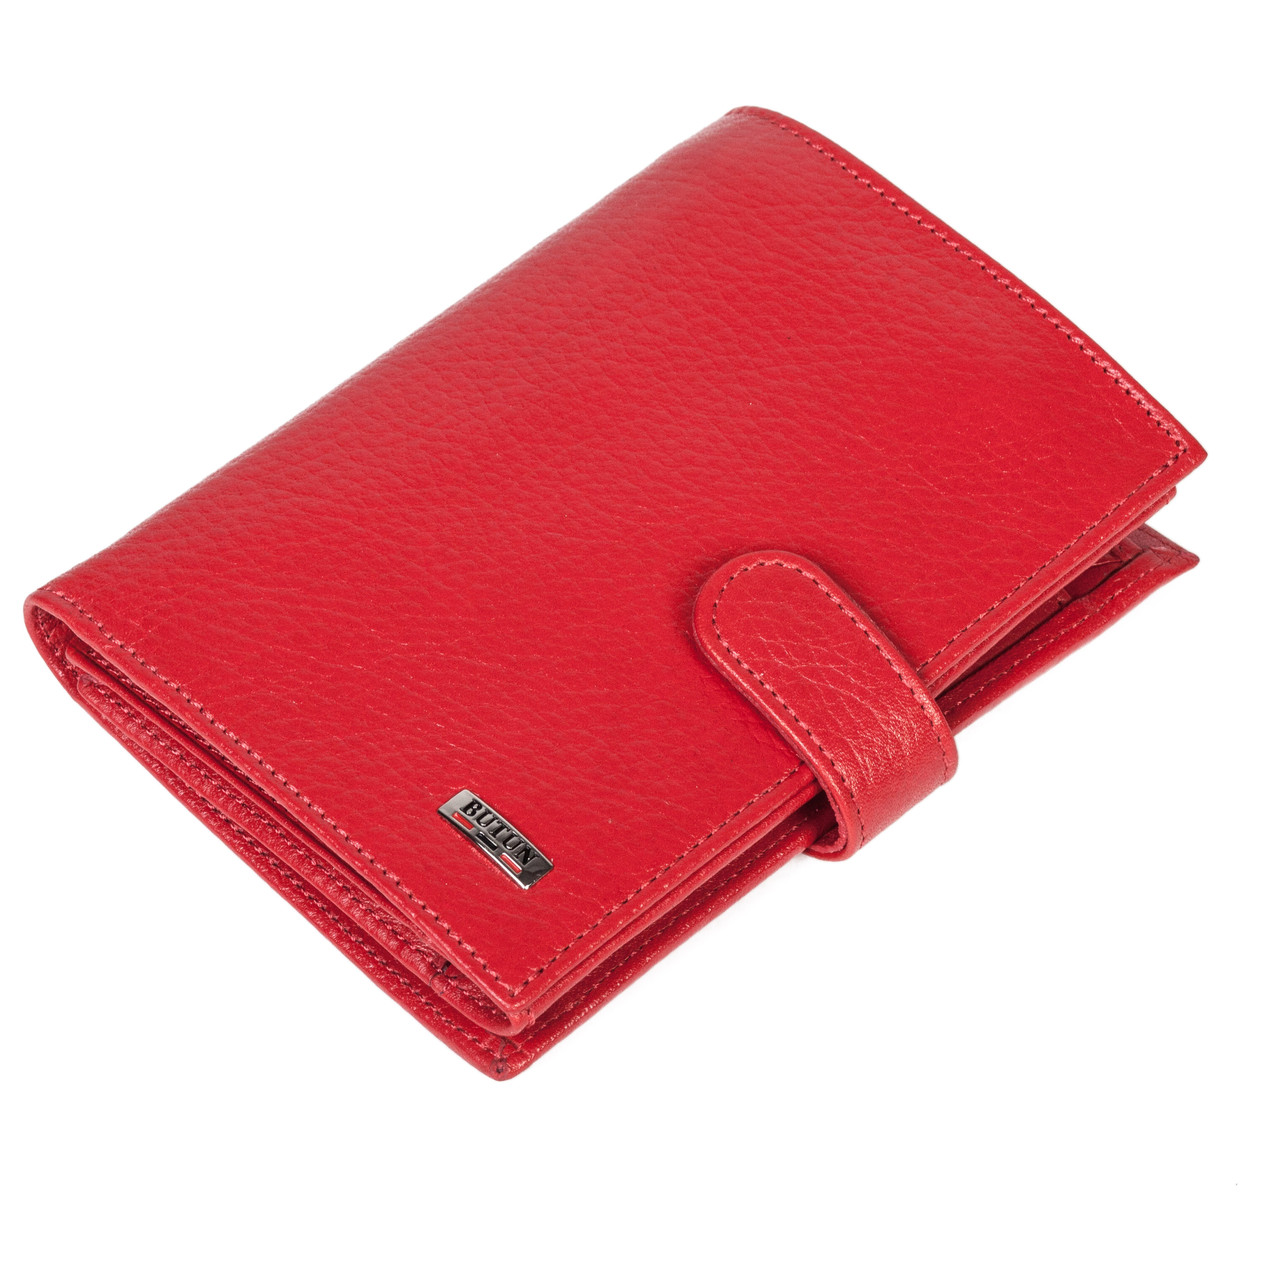 Женский кошелек Butun 186-004-006 кожаный красный